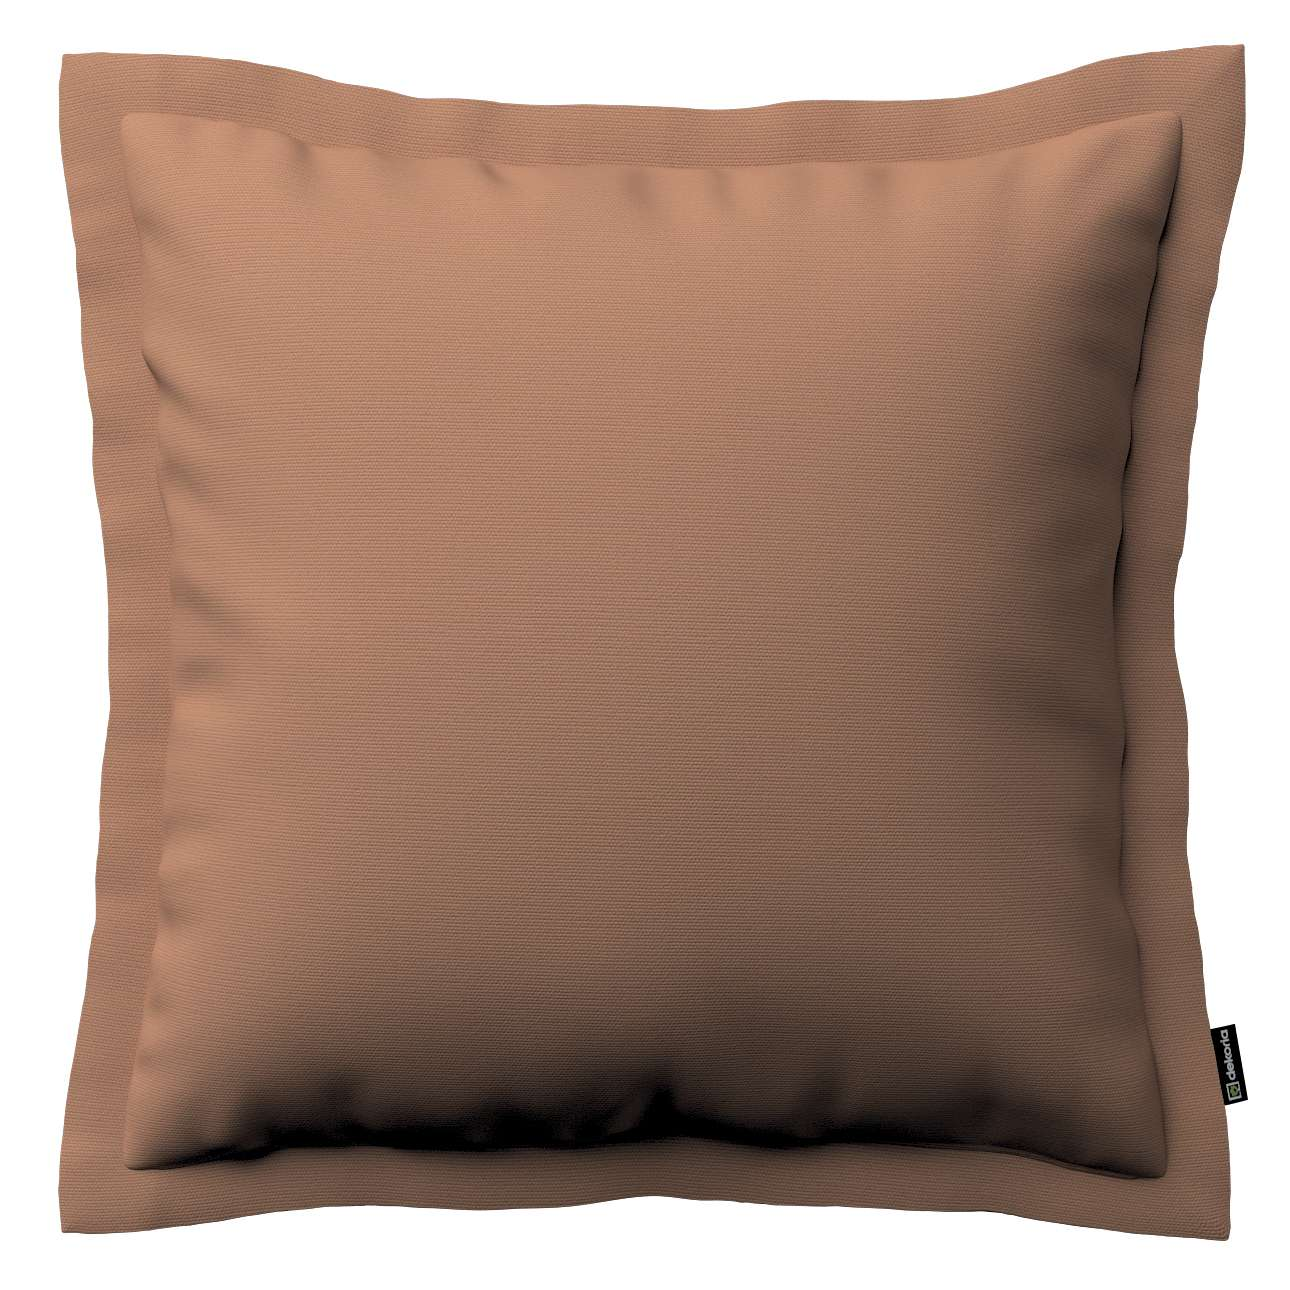 Mona dekoratyvinių pagalvėlių užvalkalas su sienele 38 x 38 cm kolekcijoje Cotton Panama, audinys: 702-02